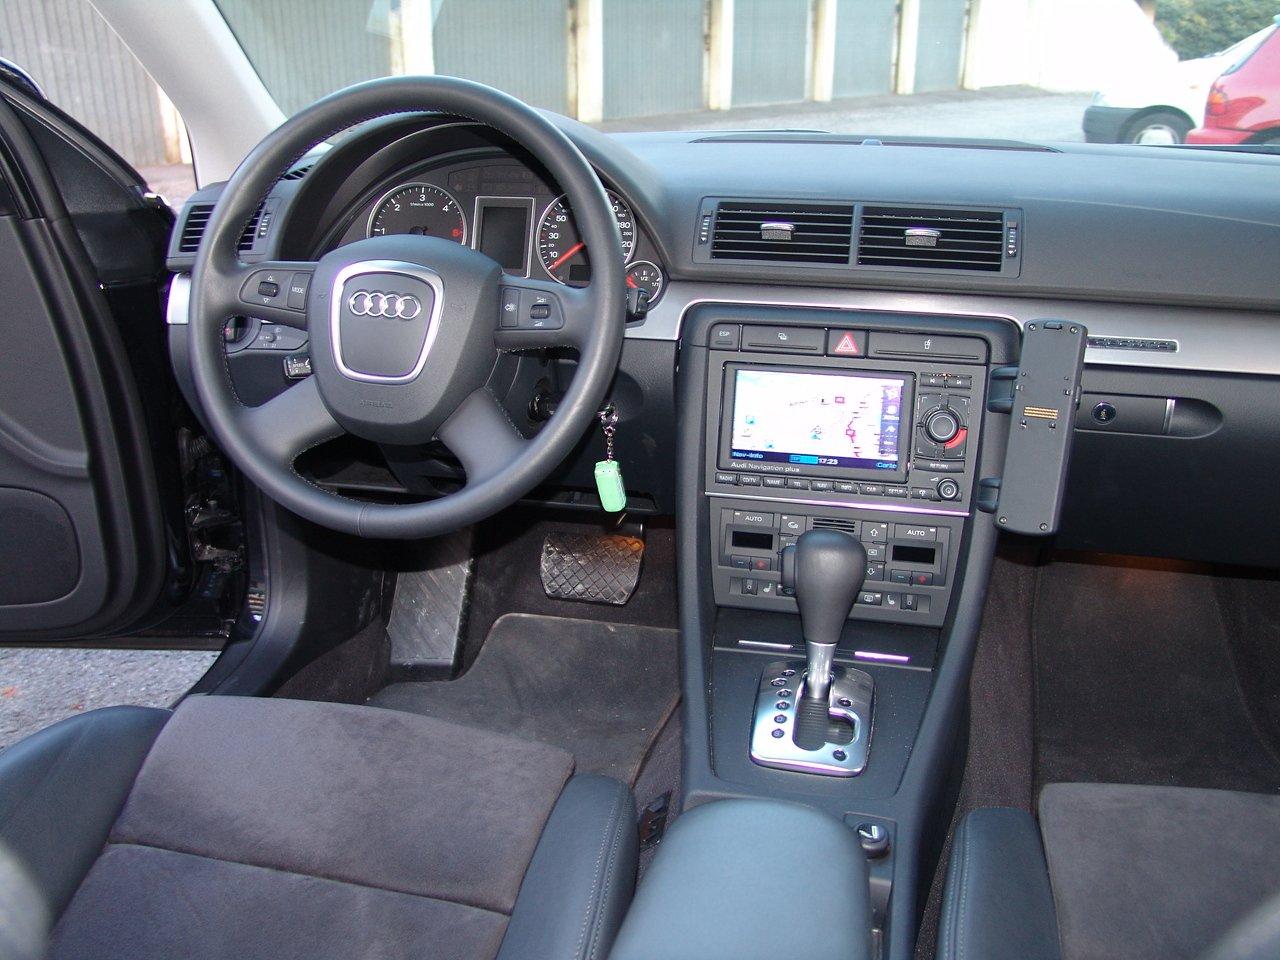 Audi a4 avant 3 0 tdi quattro 232ch bv6 s line votre for Audi a4 break interieur